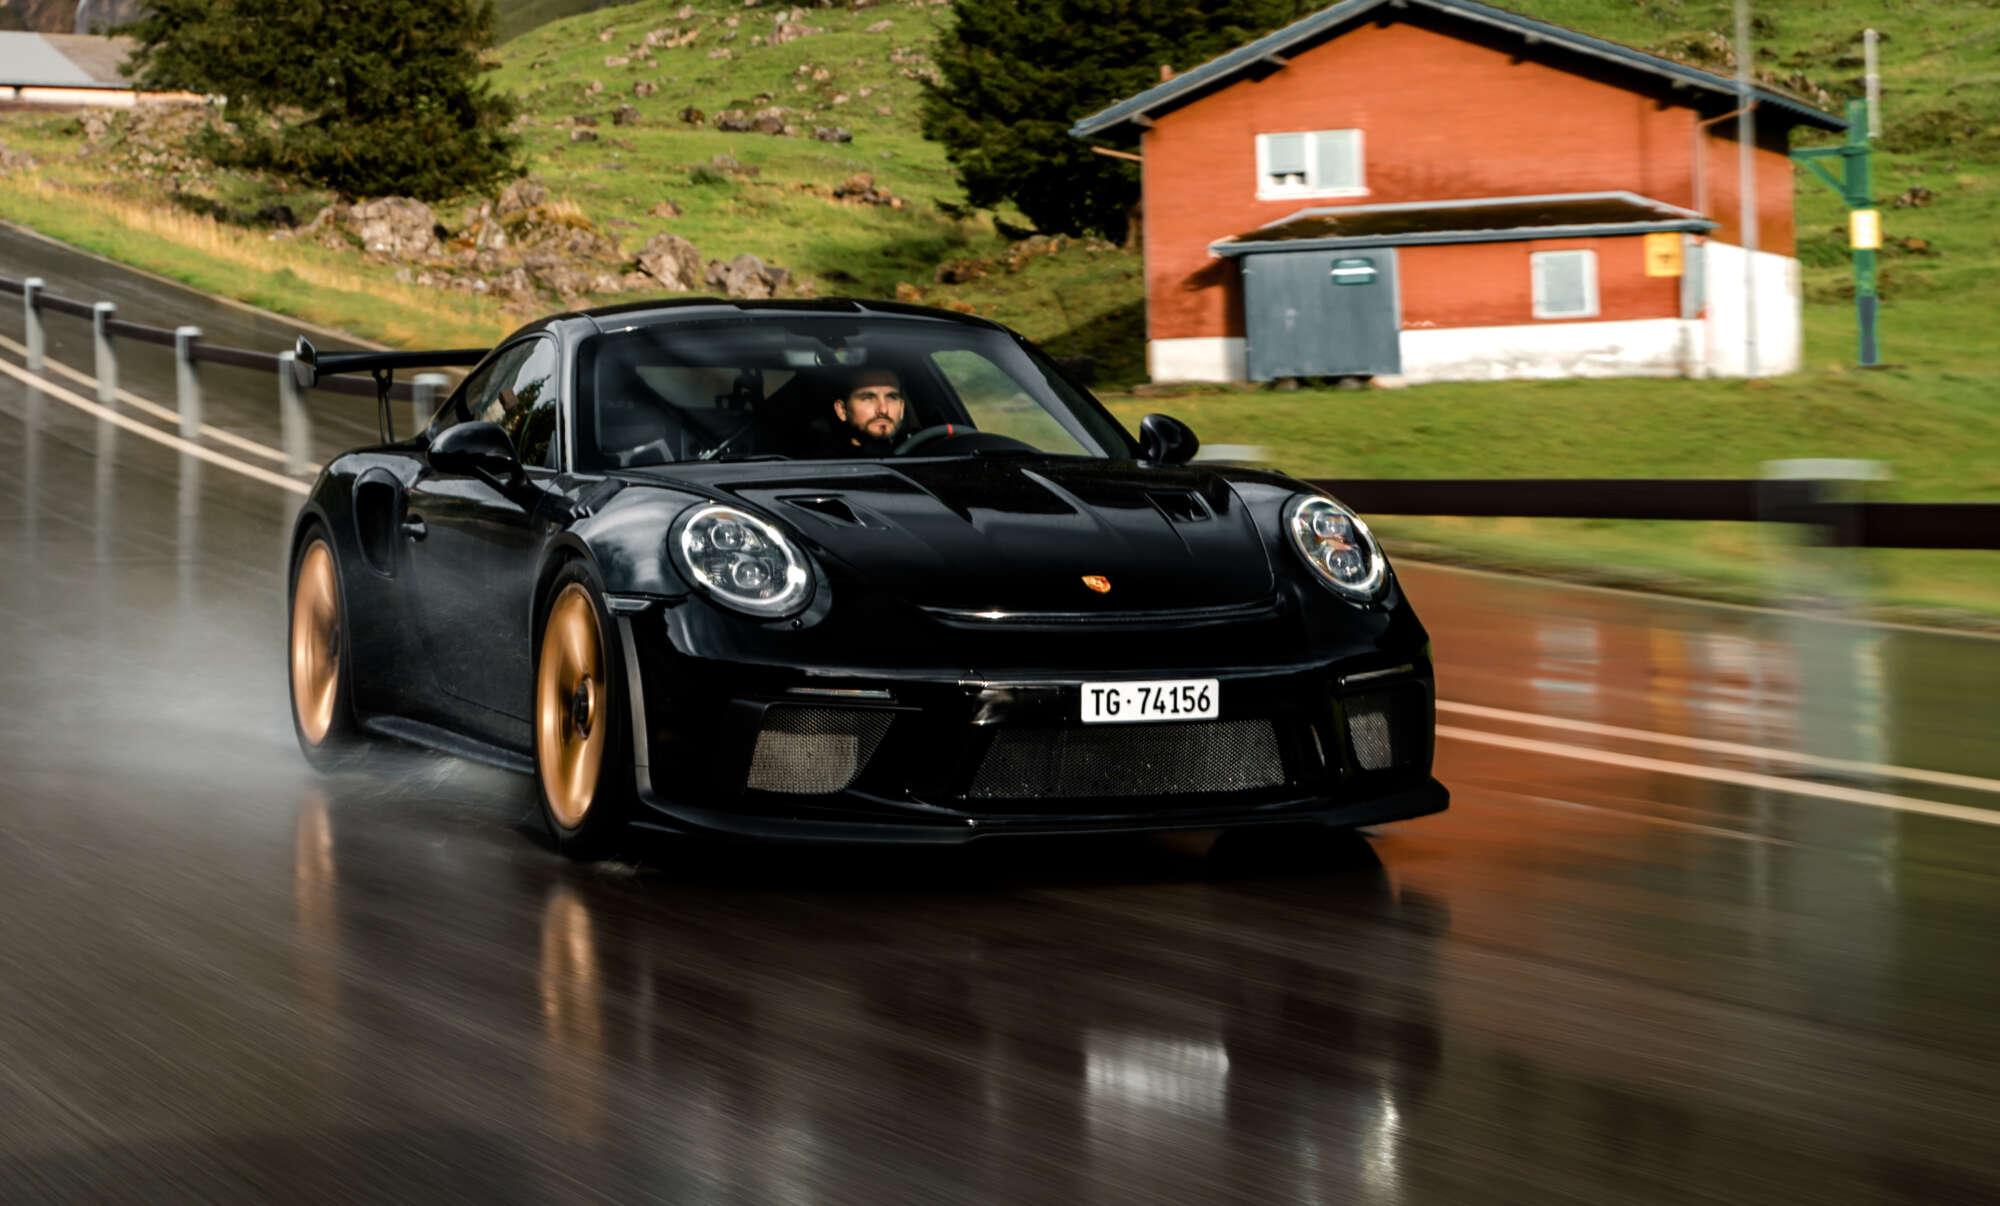 Tim und sein <br /> Porsche 911 GT3 RS